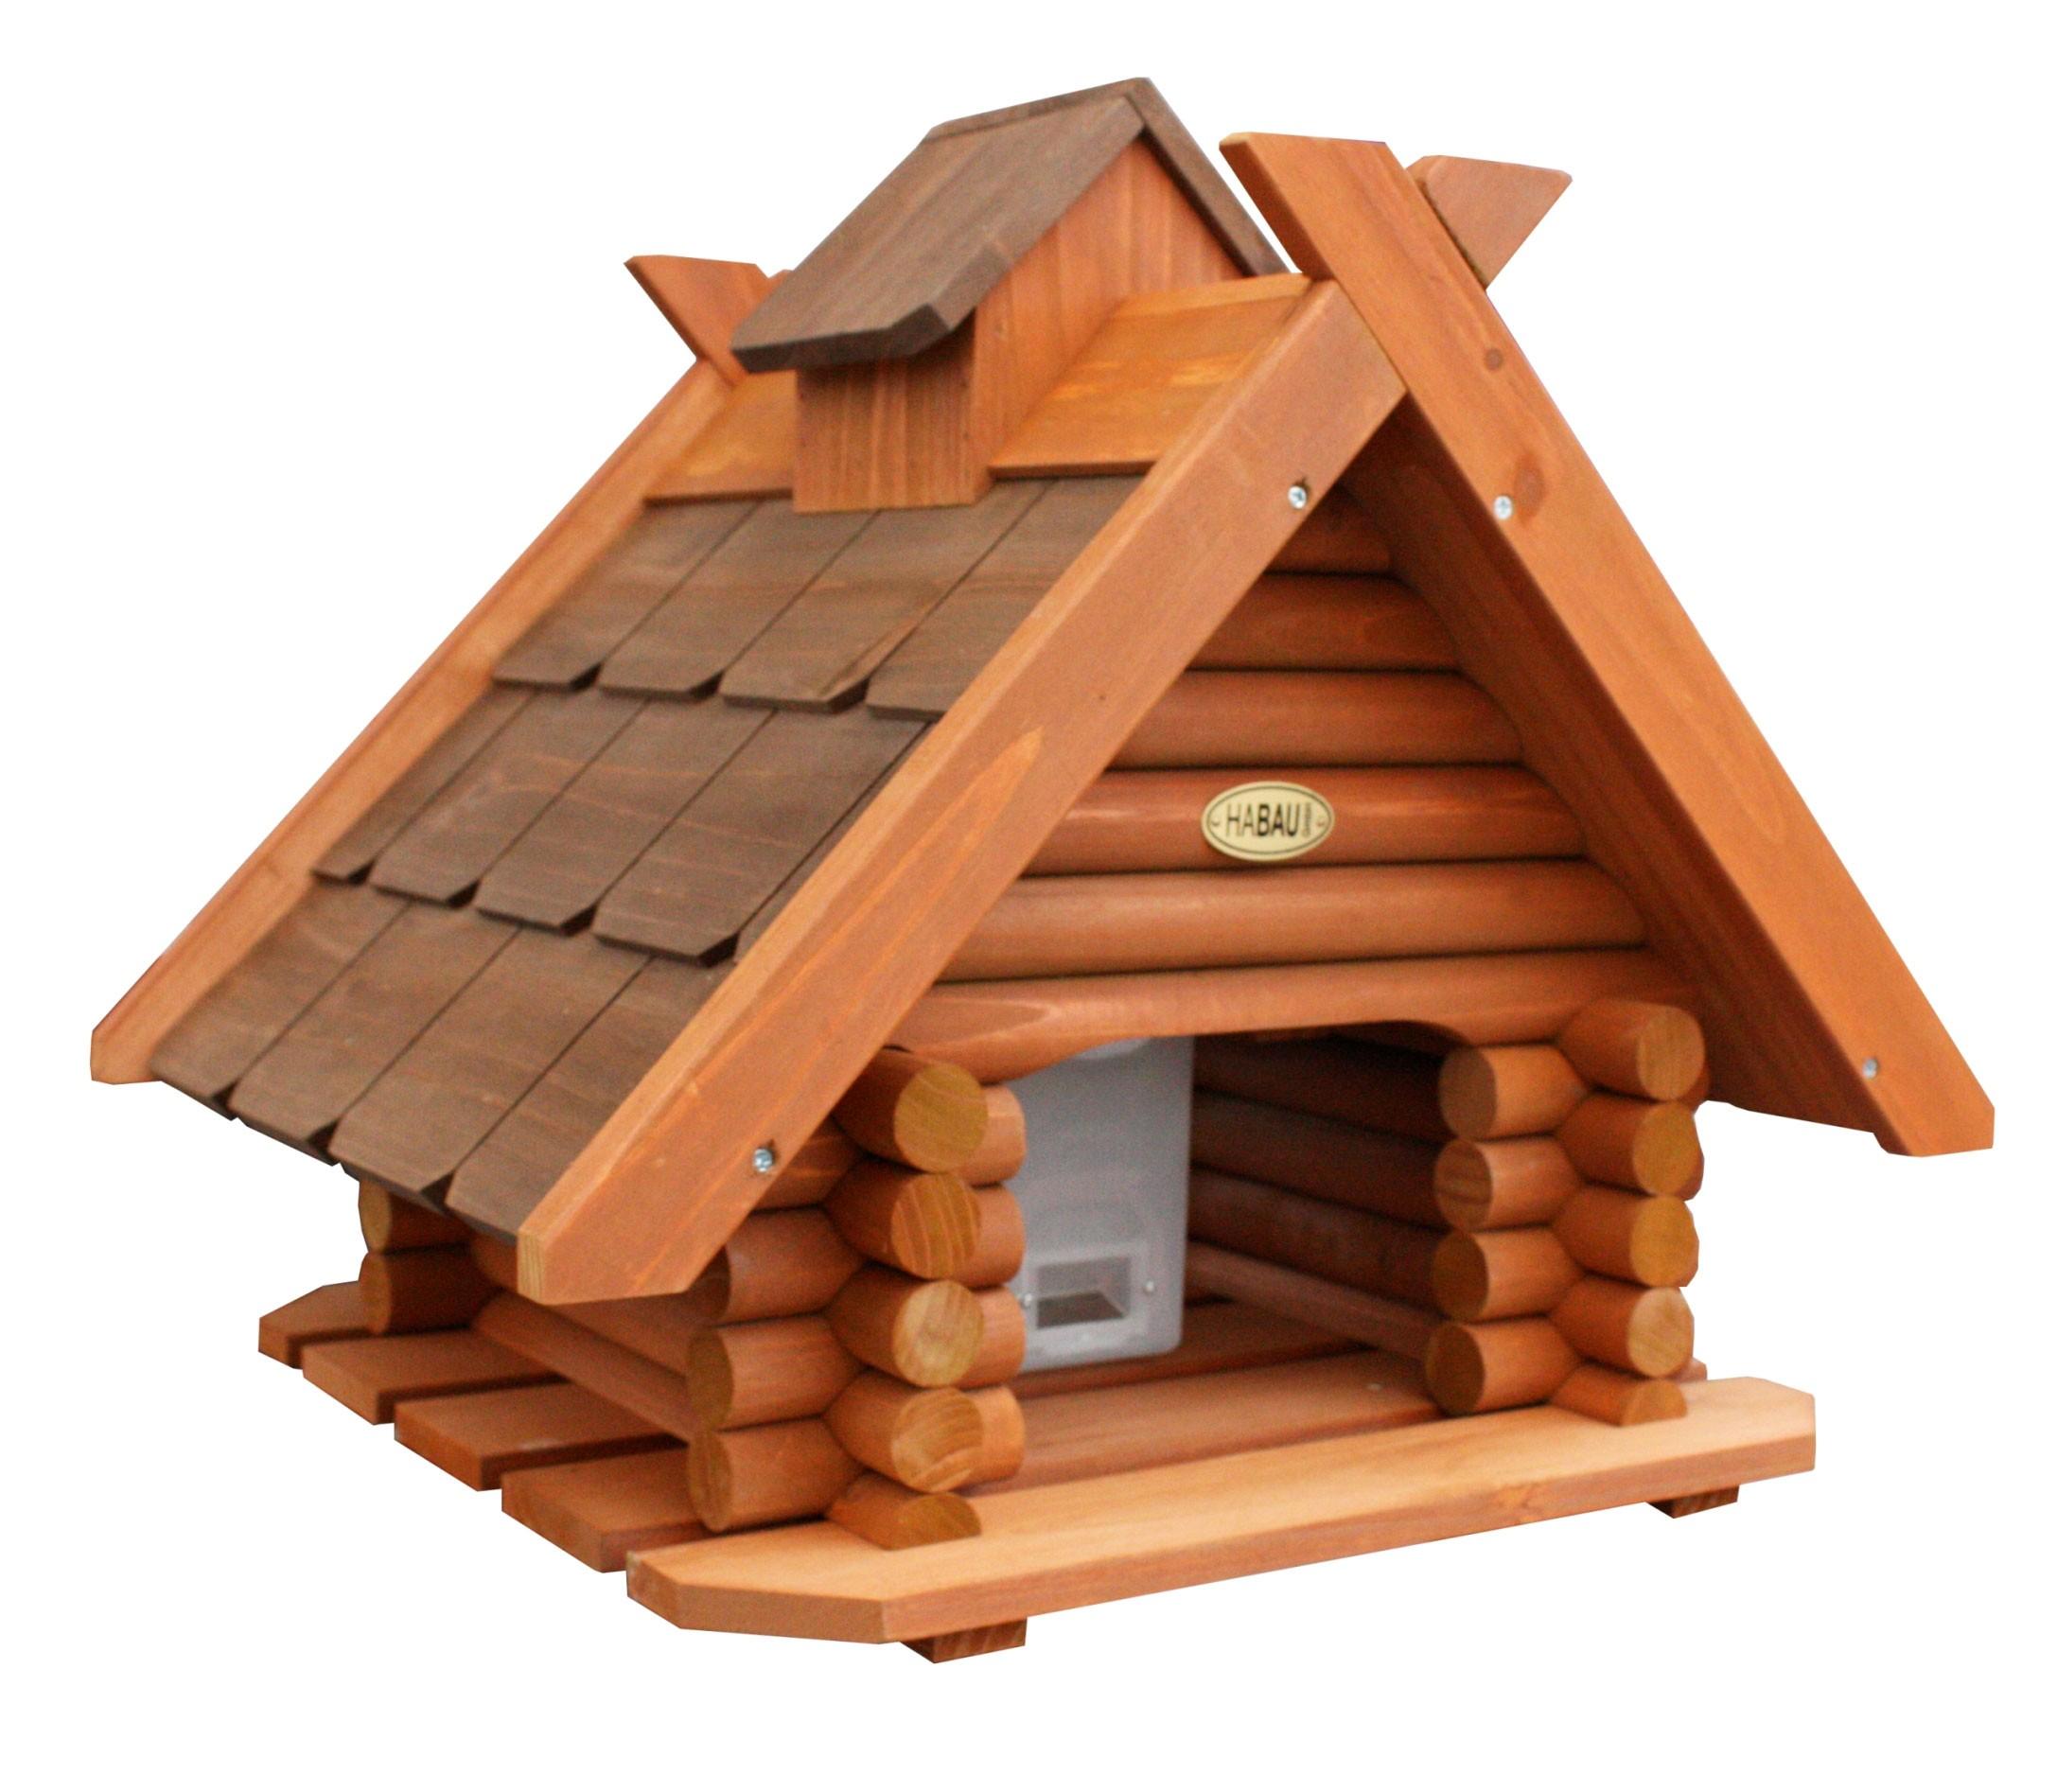 vogelhaus futterhaus habau blockhaus mit silo und st nder bei. Black Bedroom Furniture Sets. Home Design Ideas